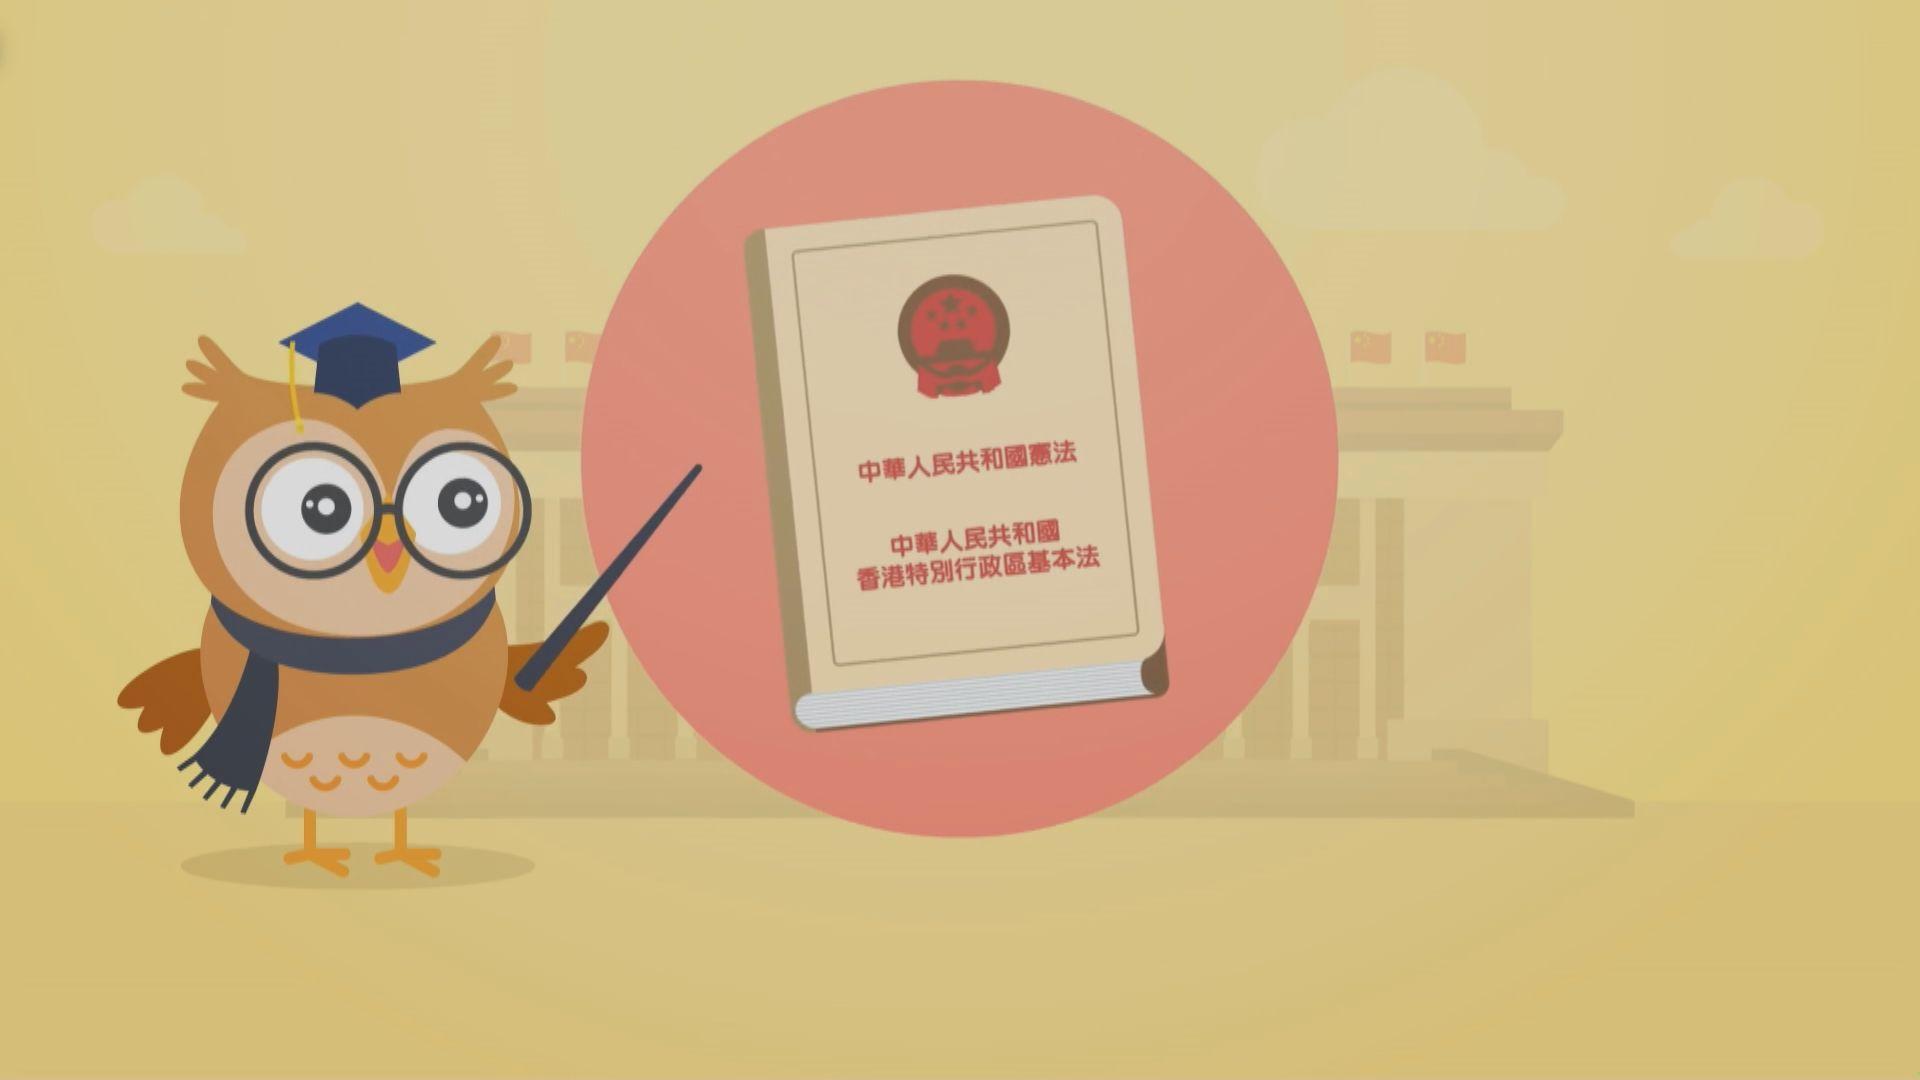 【睇片學國安】教育局向全港學校提供維護國家安全行政及教育指引